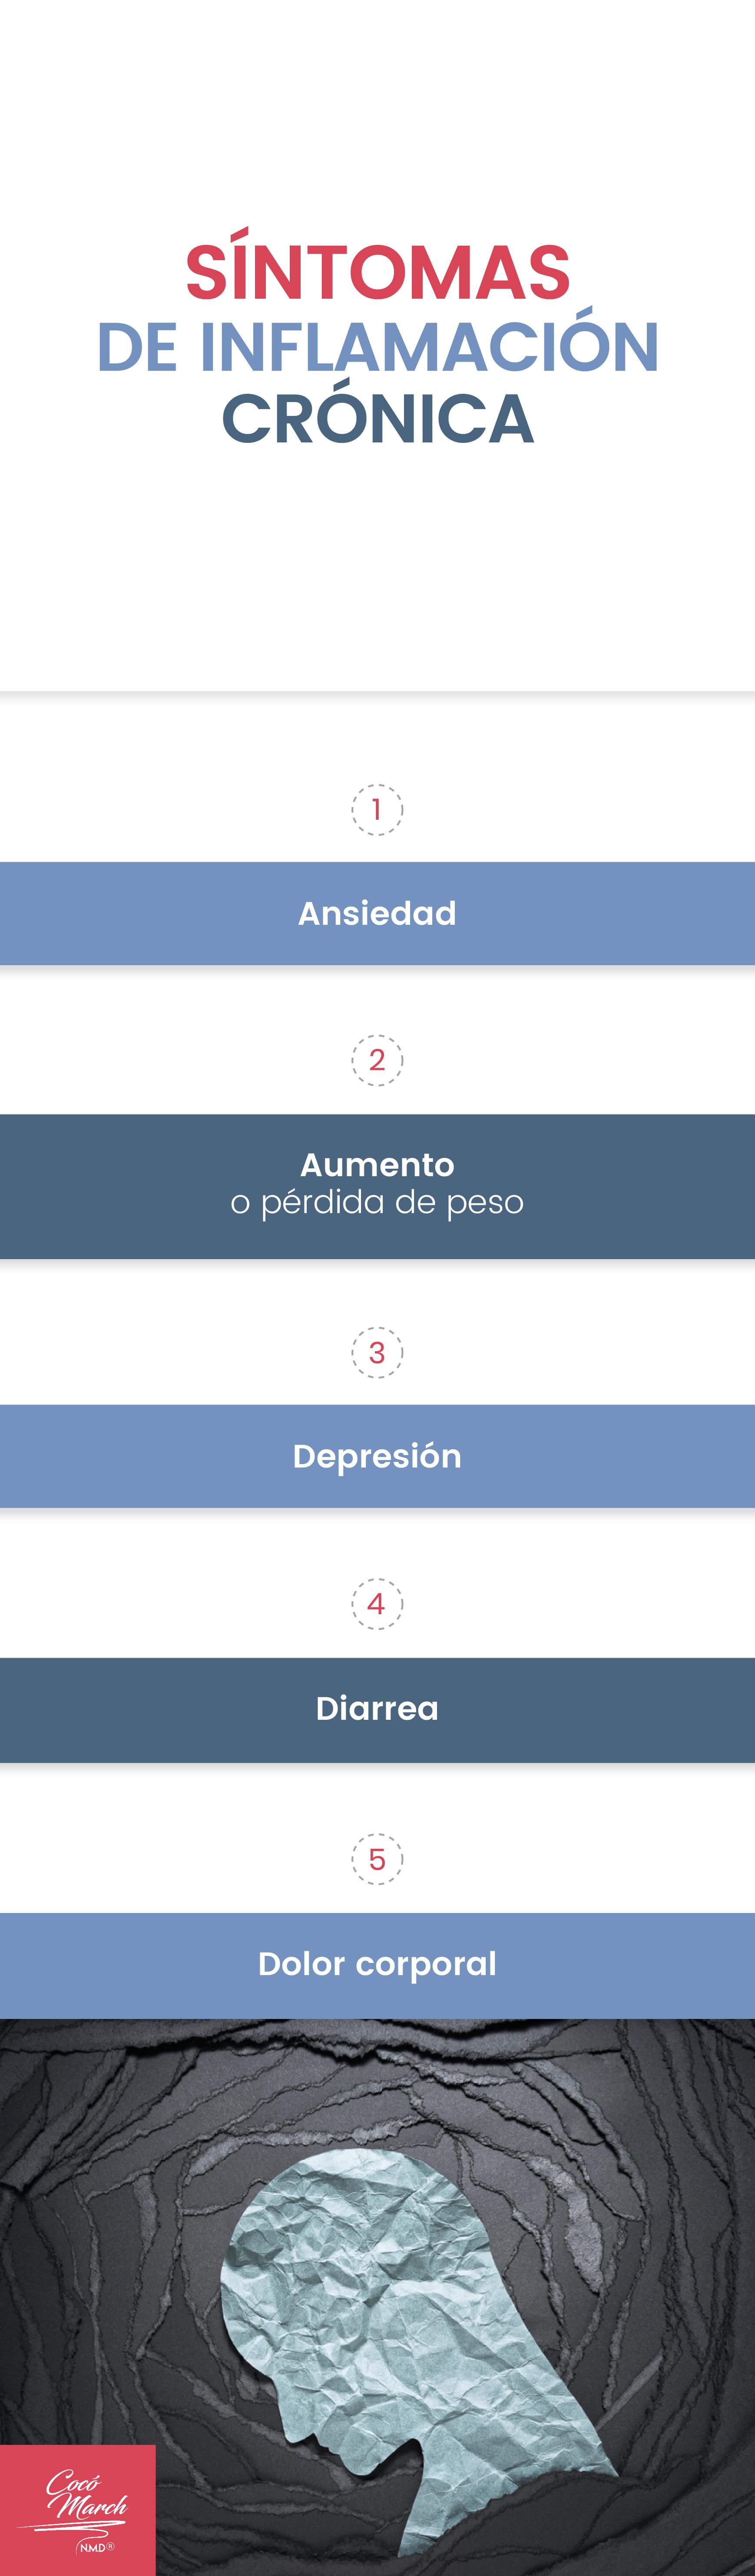 sintomas-de-la-inflamacion-cronica